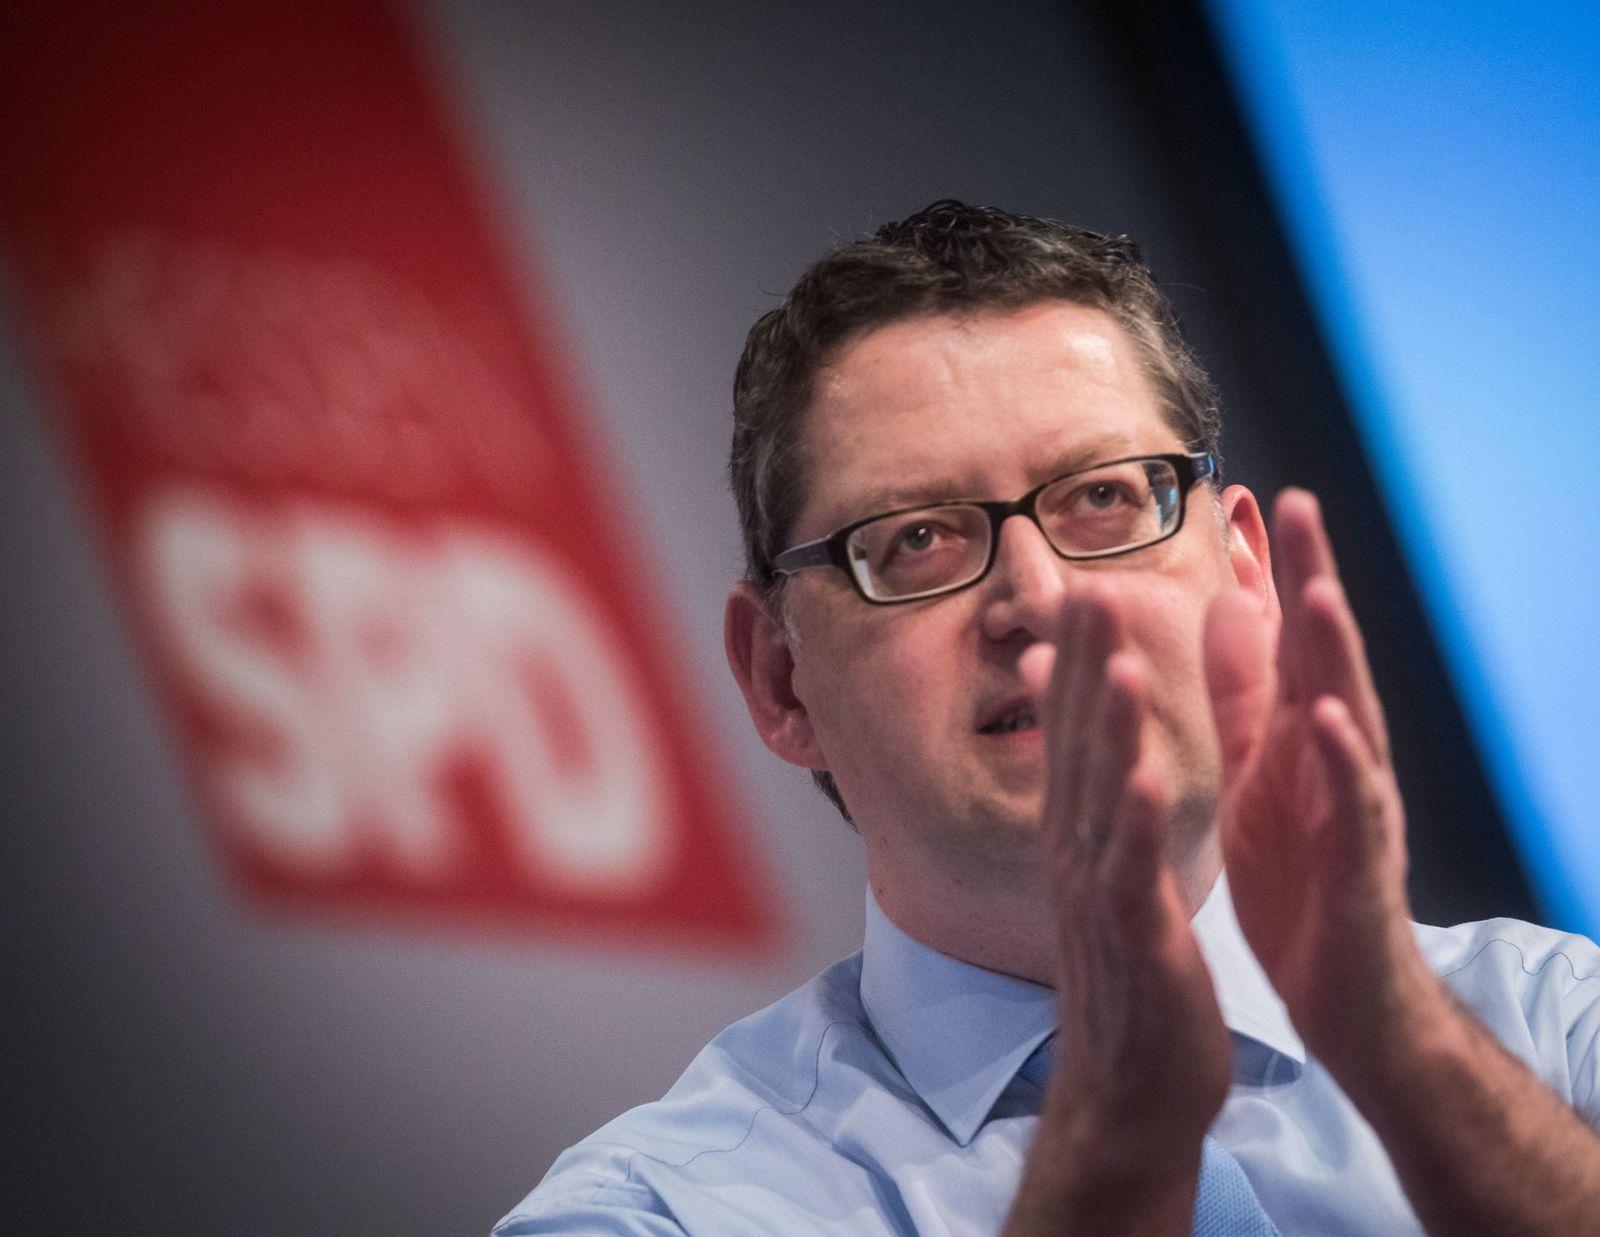 EINMALIGE VERWENDUNG Bundestagswahl 2017/ Politiker/ Zitate/ Thorsten Schaefer-Guempel